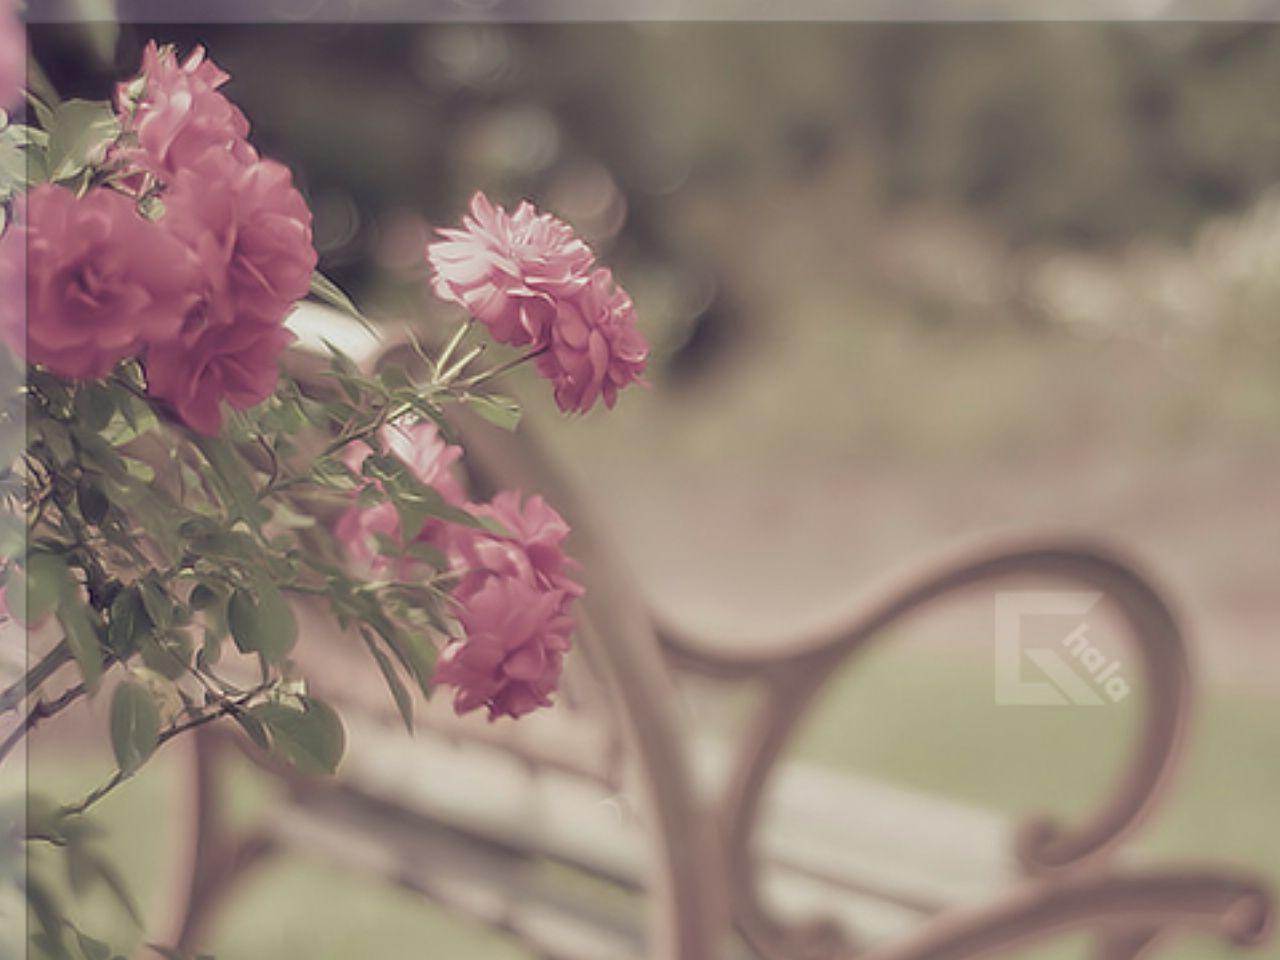 بالصور صور ناعمه , اجمل الصور الرقيقه الهادئه الكيوت 4959 9